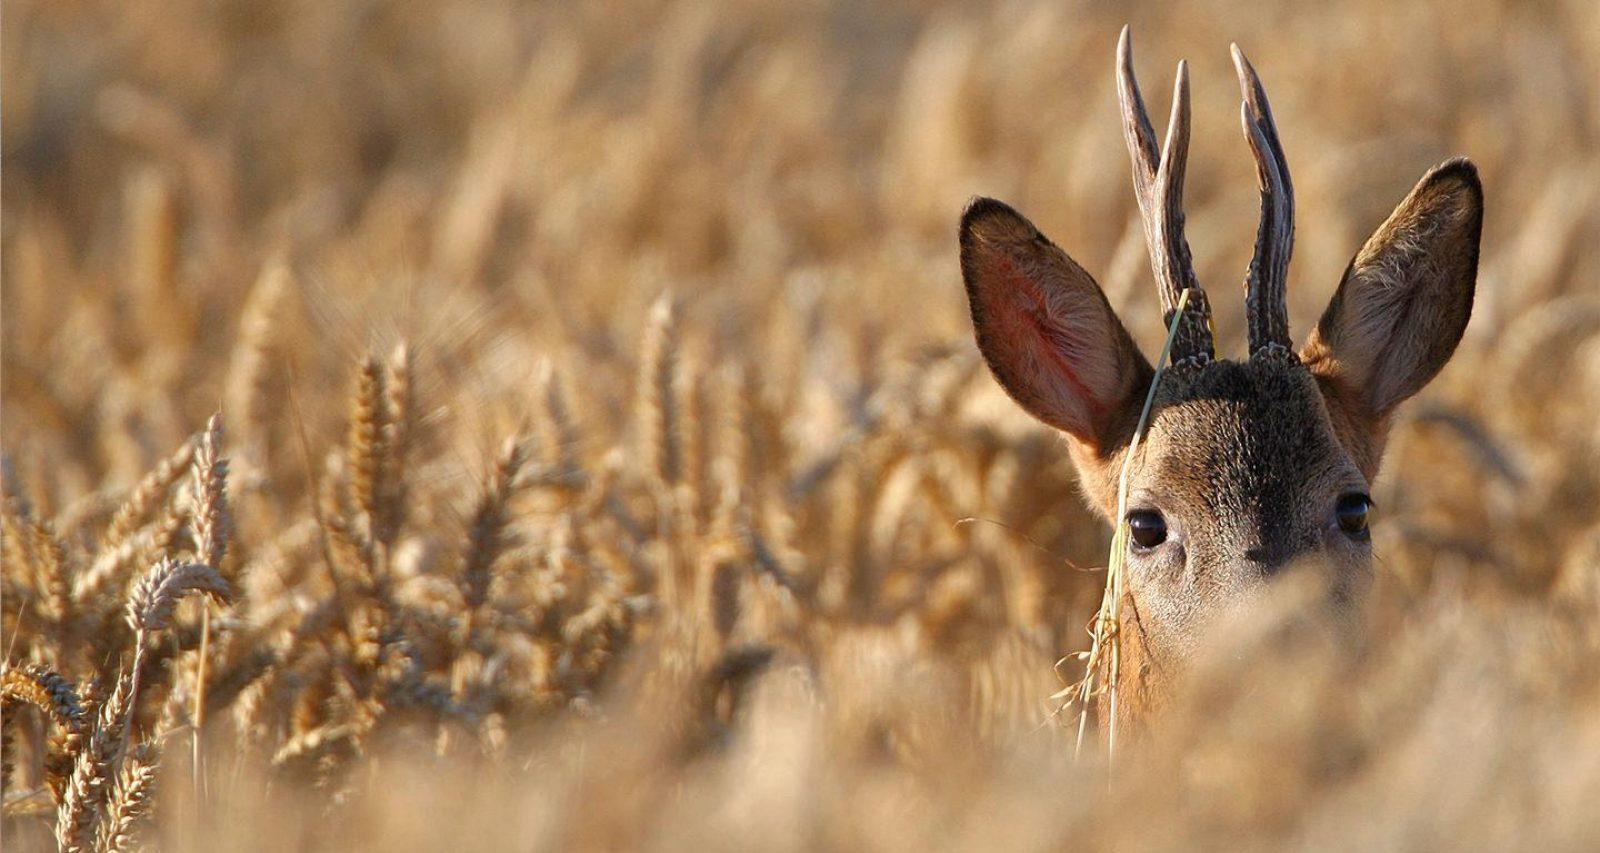 un chevreuil brocard dans un champs